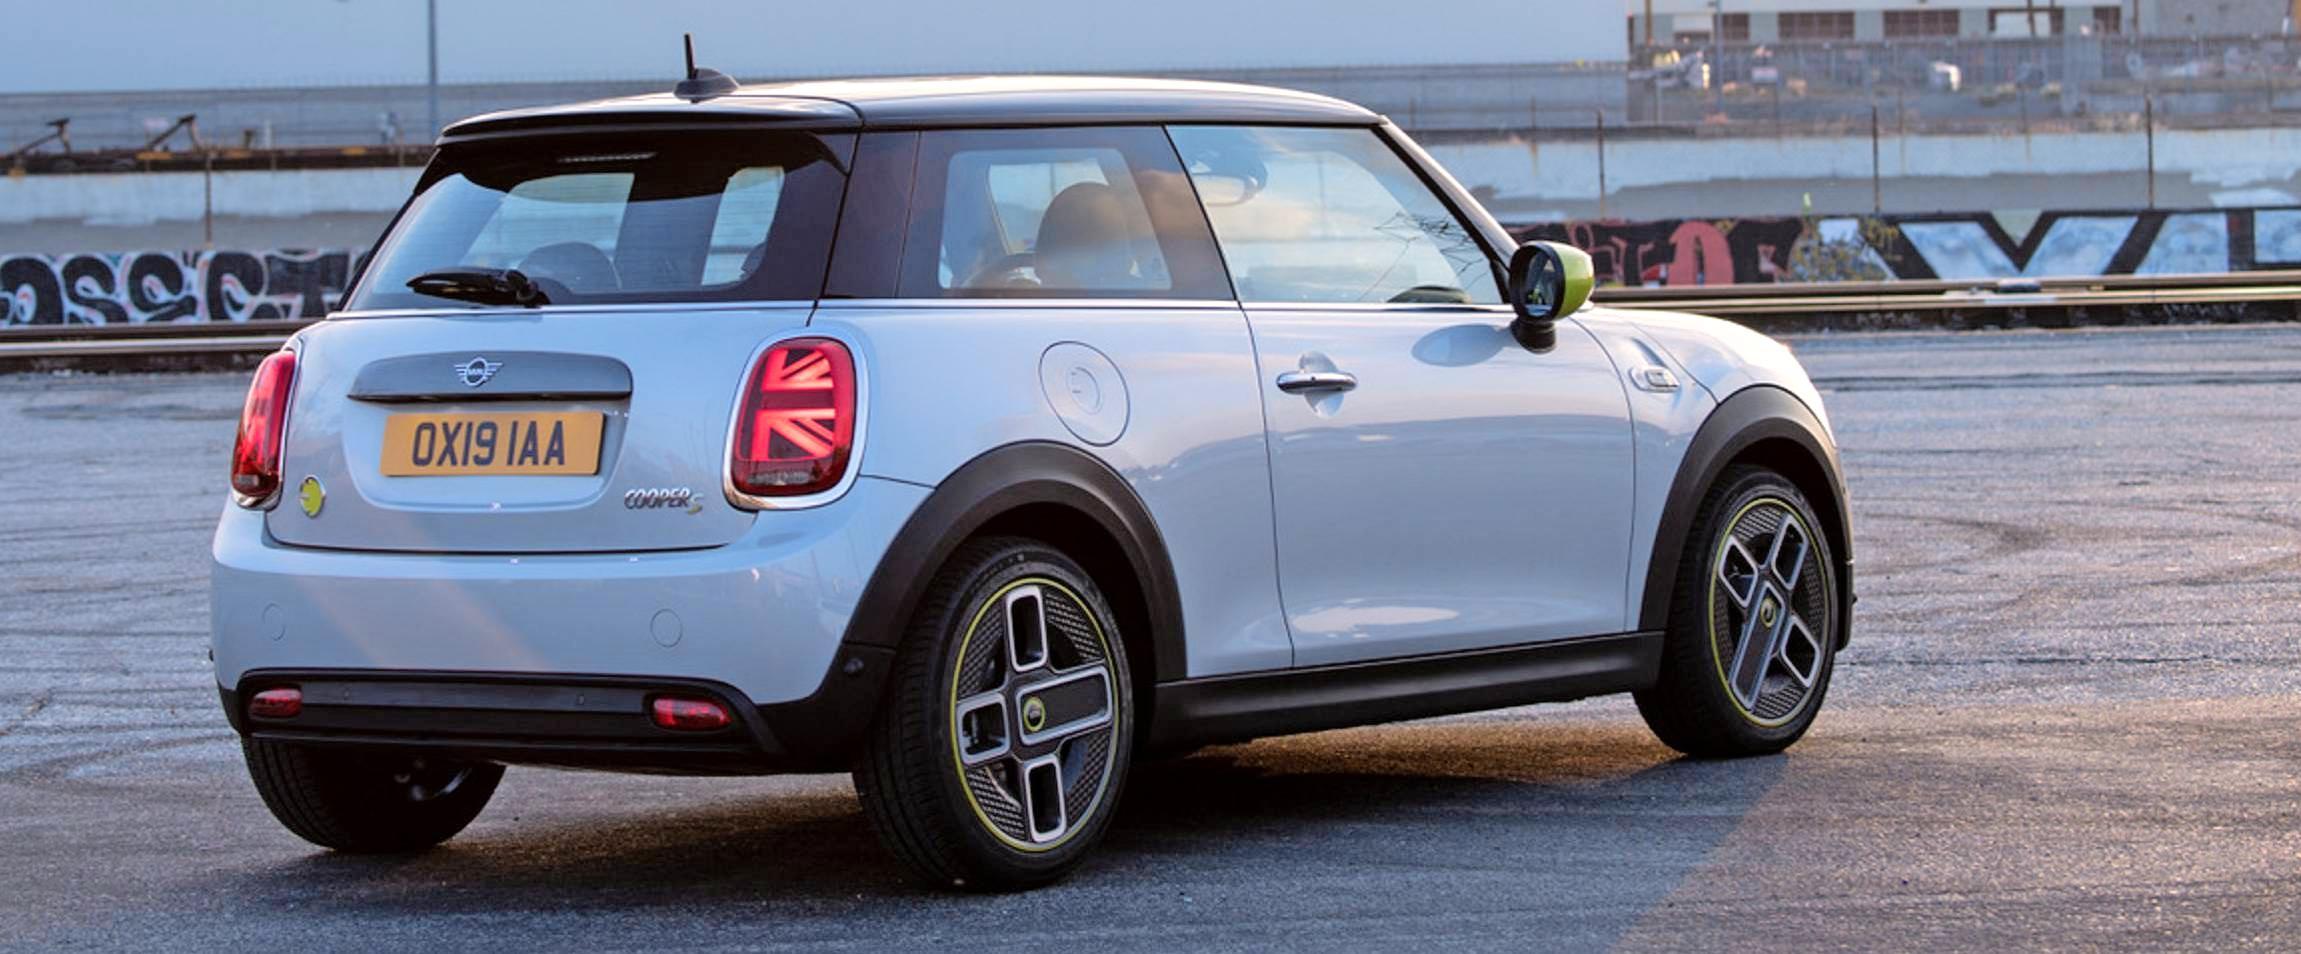 Zum Preis eines regulären Mini Cooper S bringt der Autobauer die elektrische Variante mit 184 PS und bis zu 270 Kilometer Reichweite auf den Markt. Foto: Mini